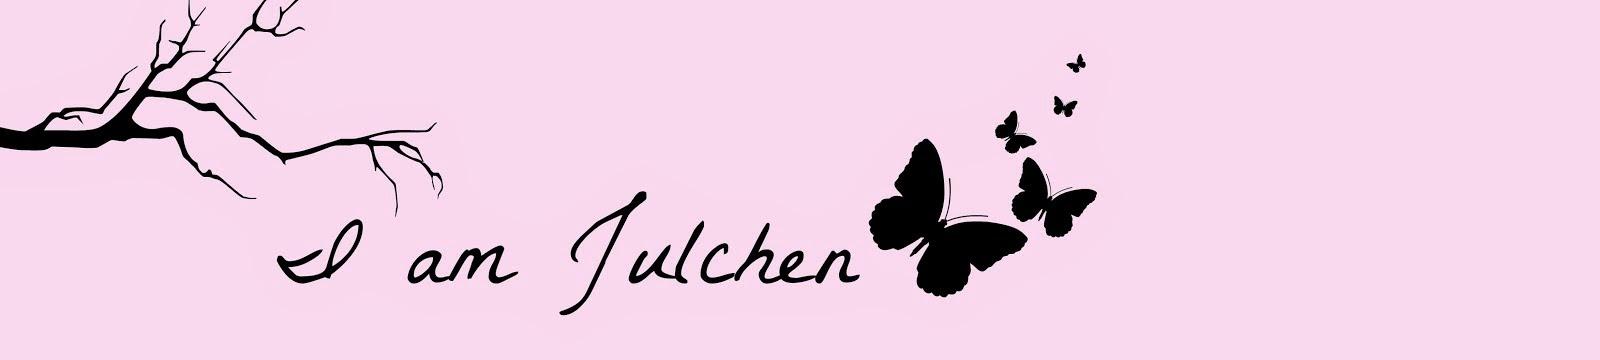 I am Julchen